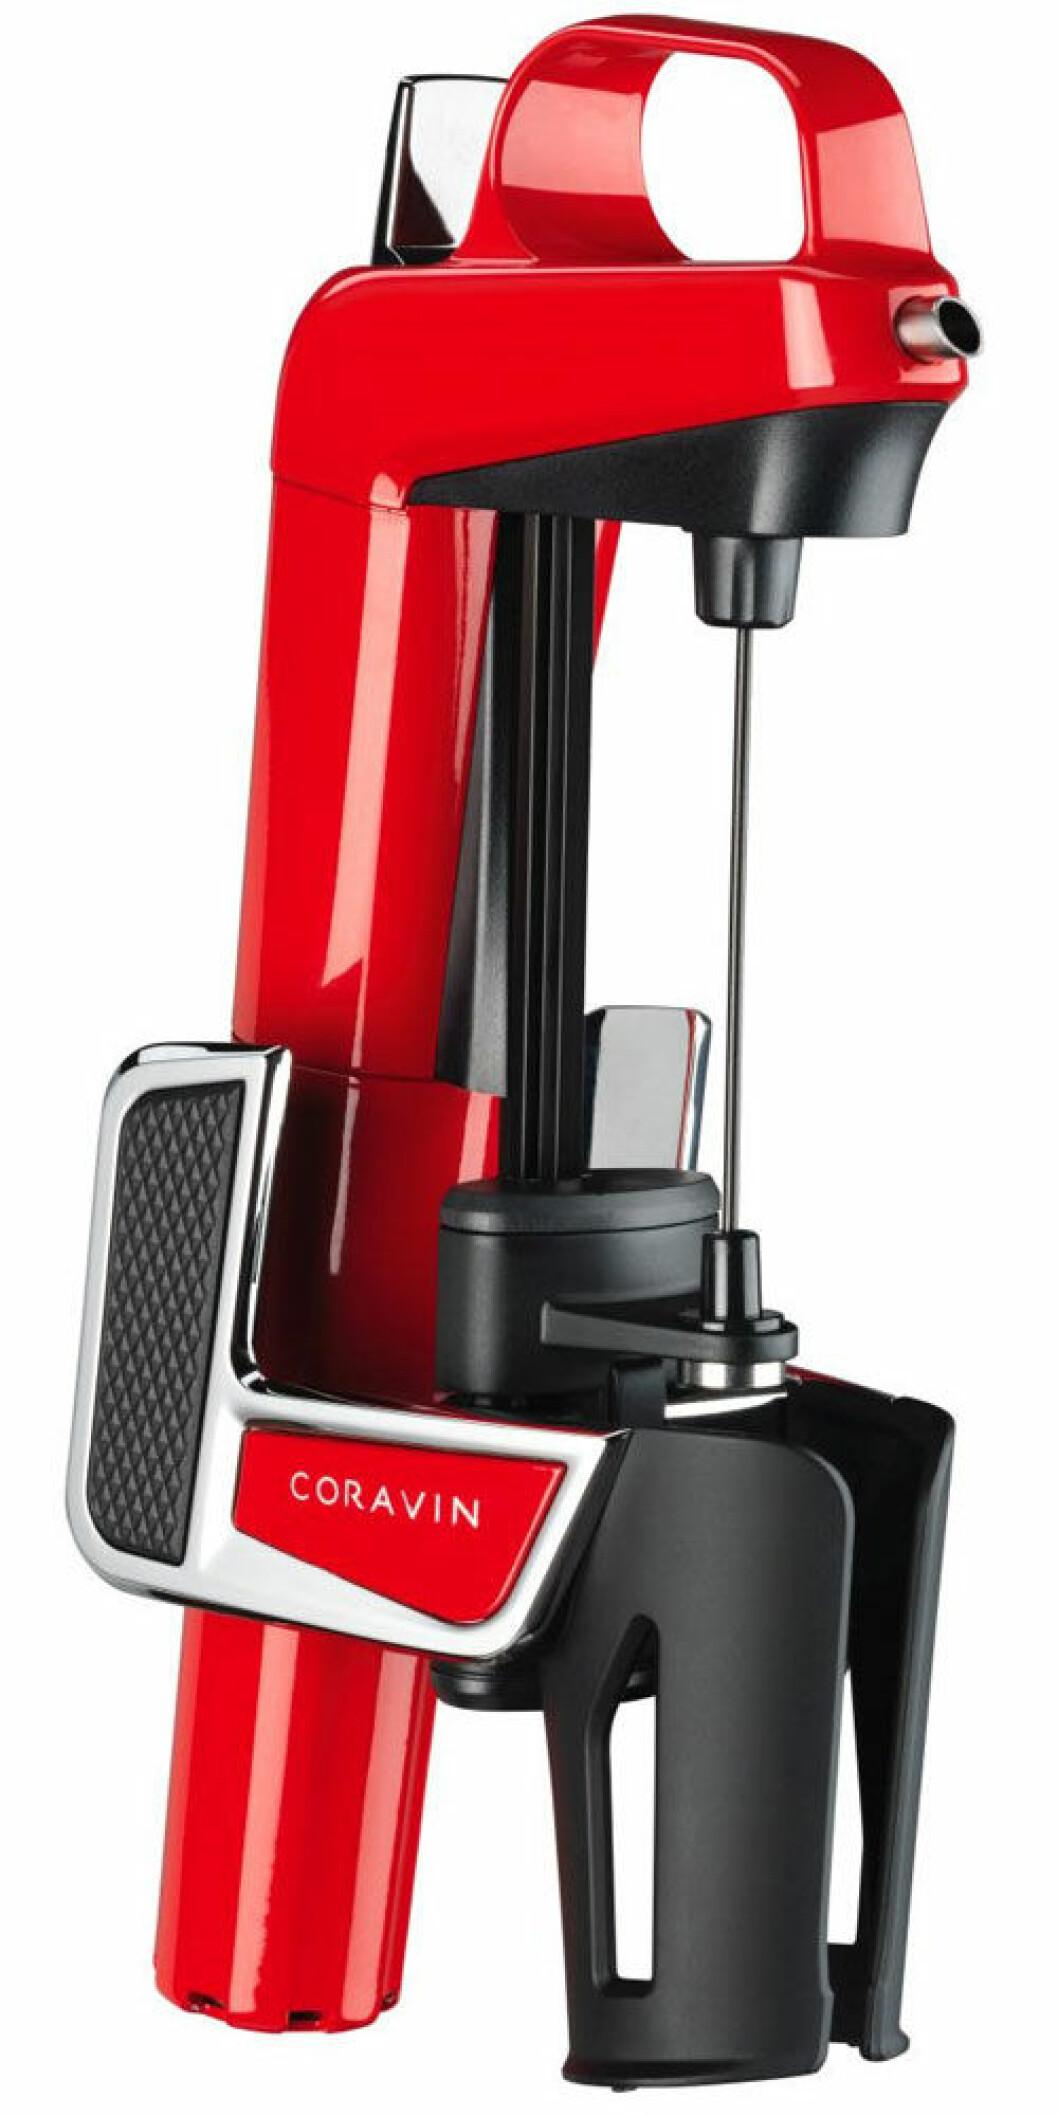 Coravin-systemet suger upp vin genom en nål och ersätter vinet som det suger upp med gas som skyddar vinet som är kvar i flaskan.